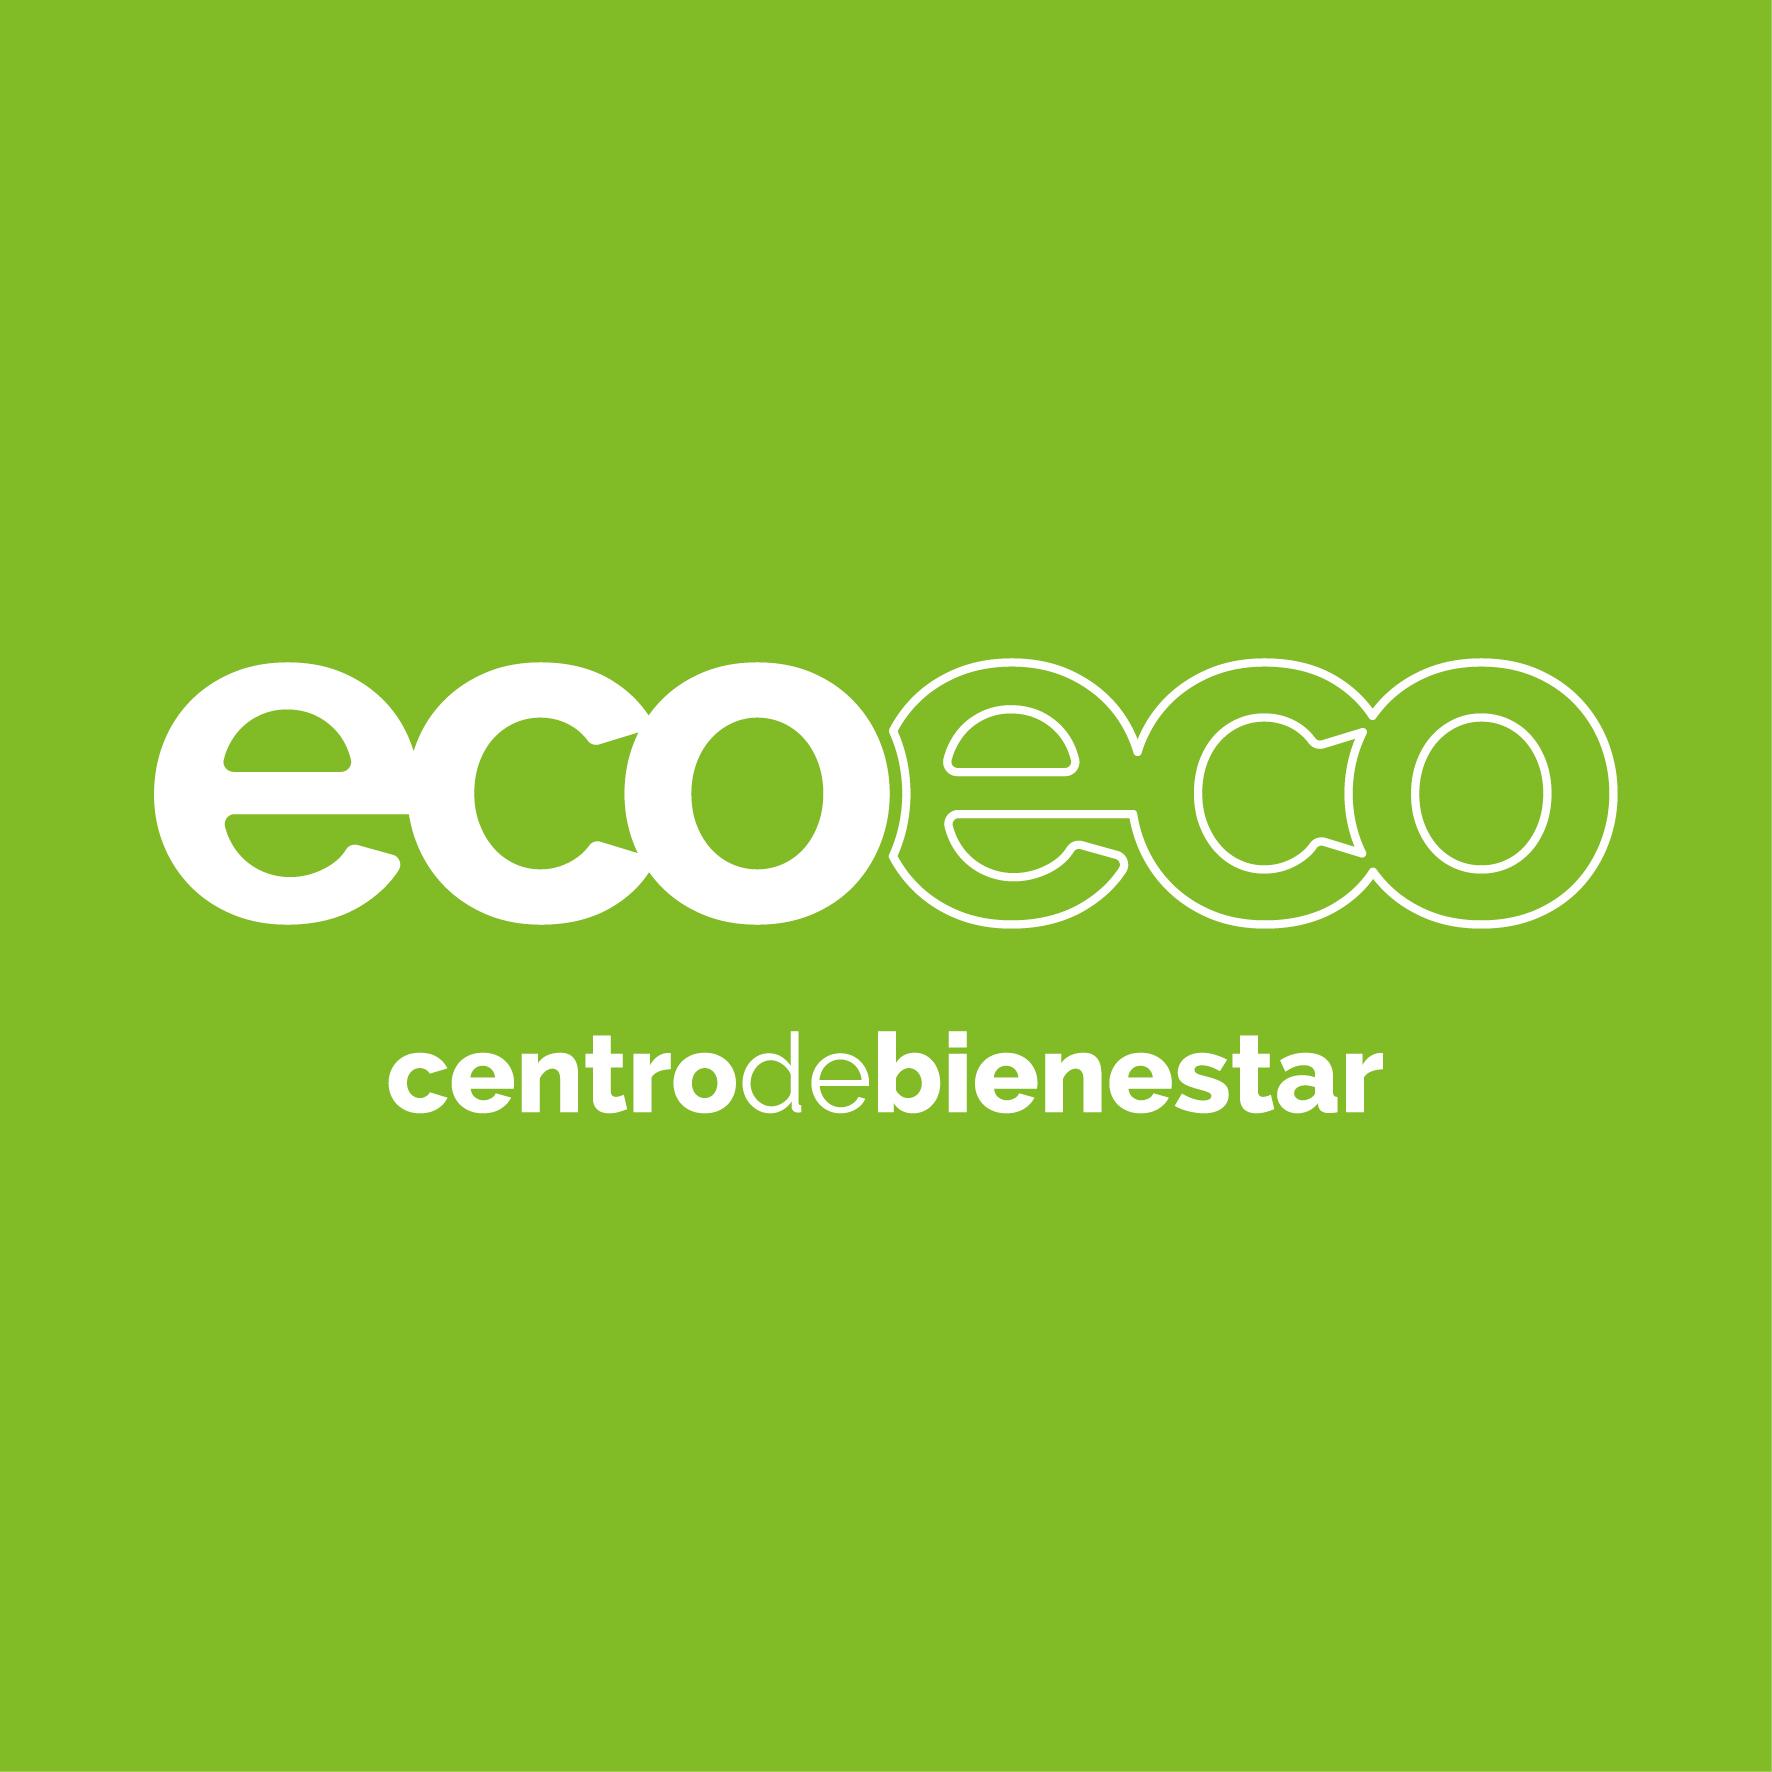 ecoeco